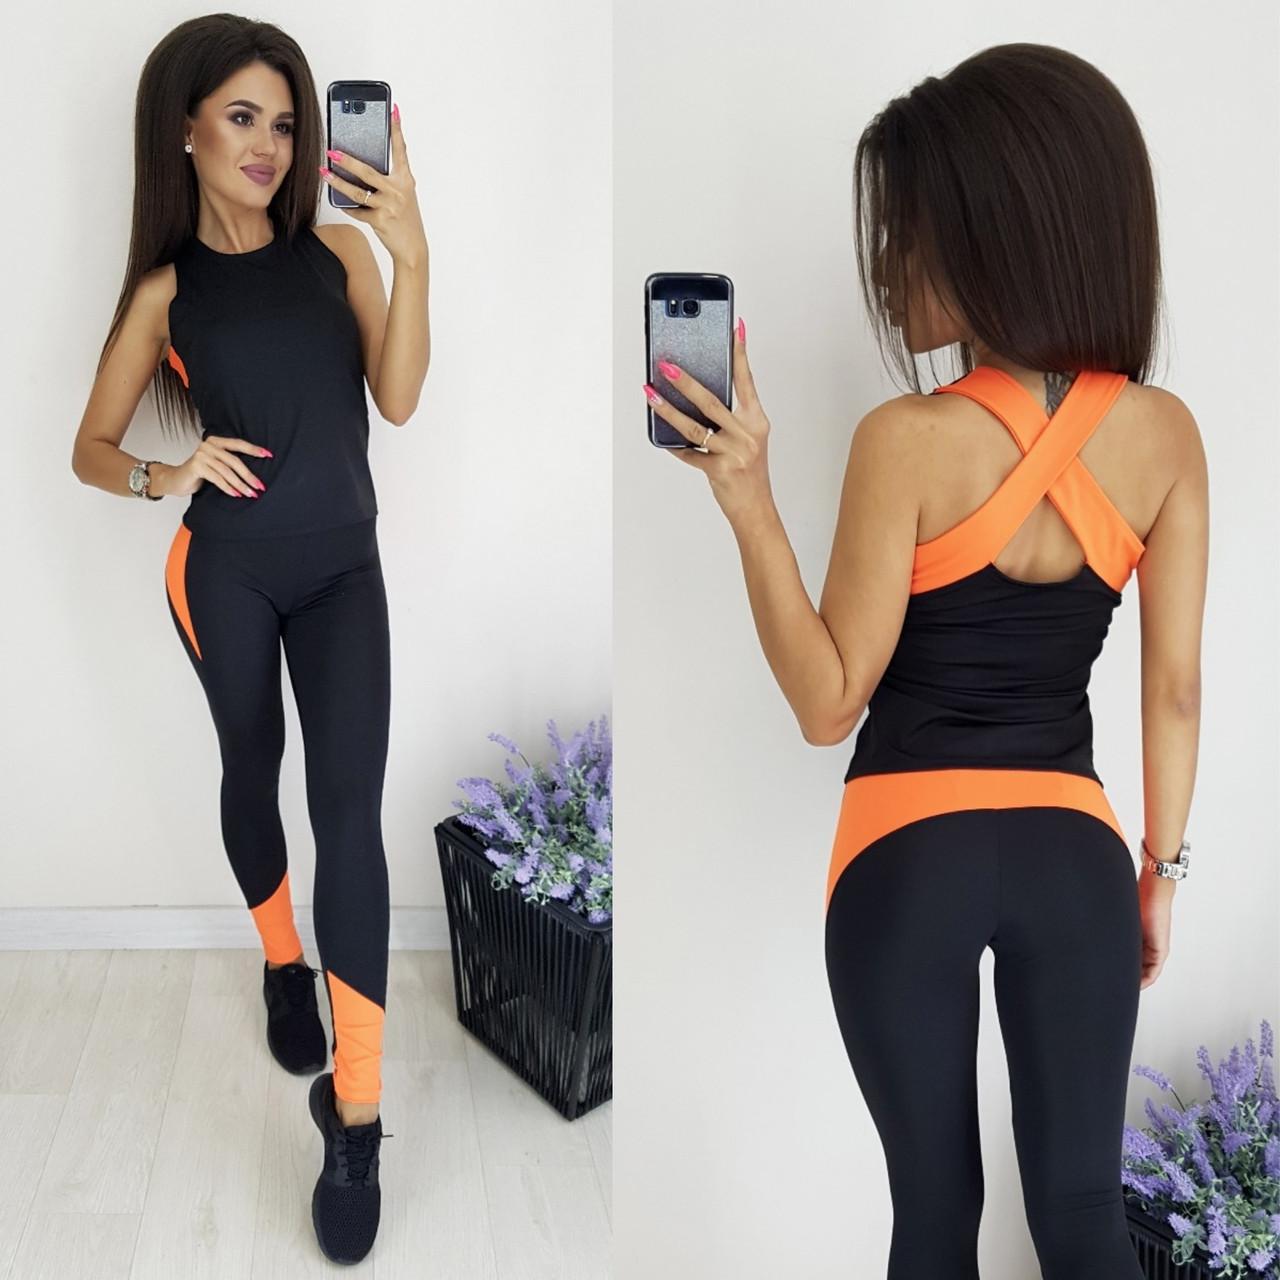 Женский спортивный костюм для фитнеса лосины и майка 42, 44, 46 Черный с оранжевым